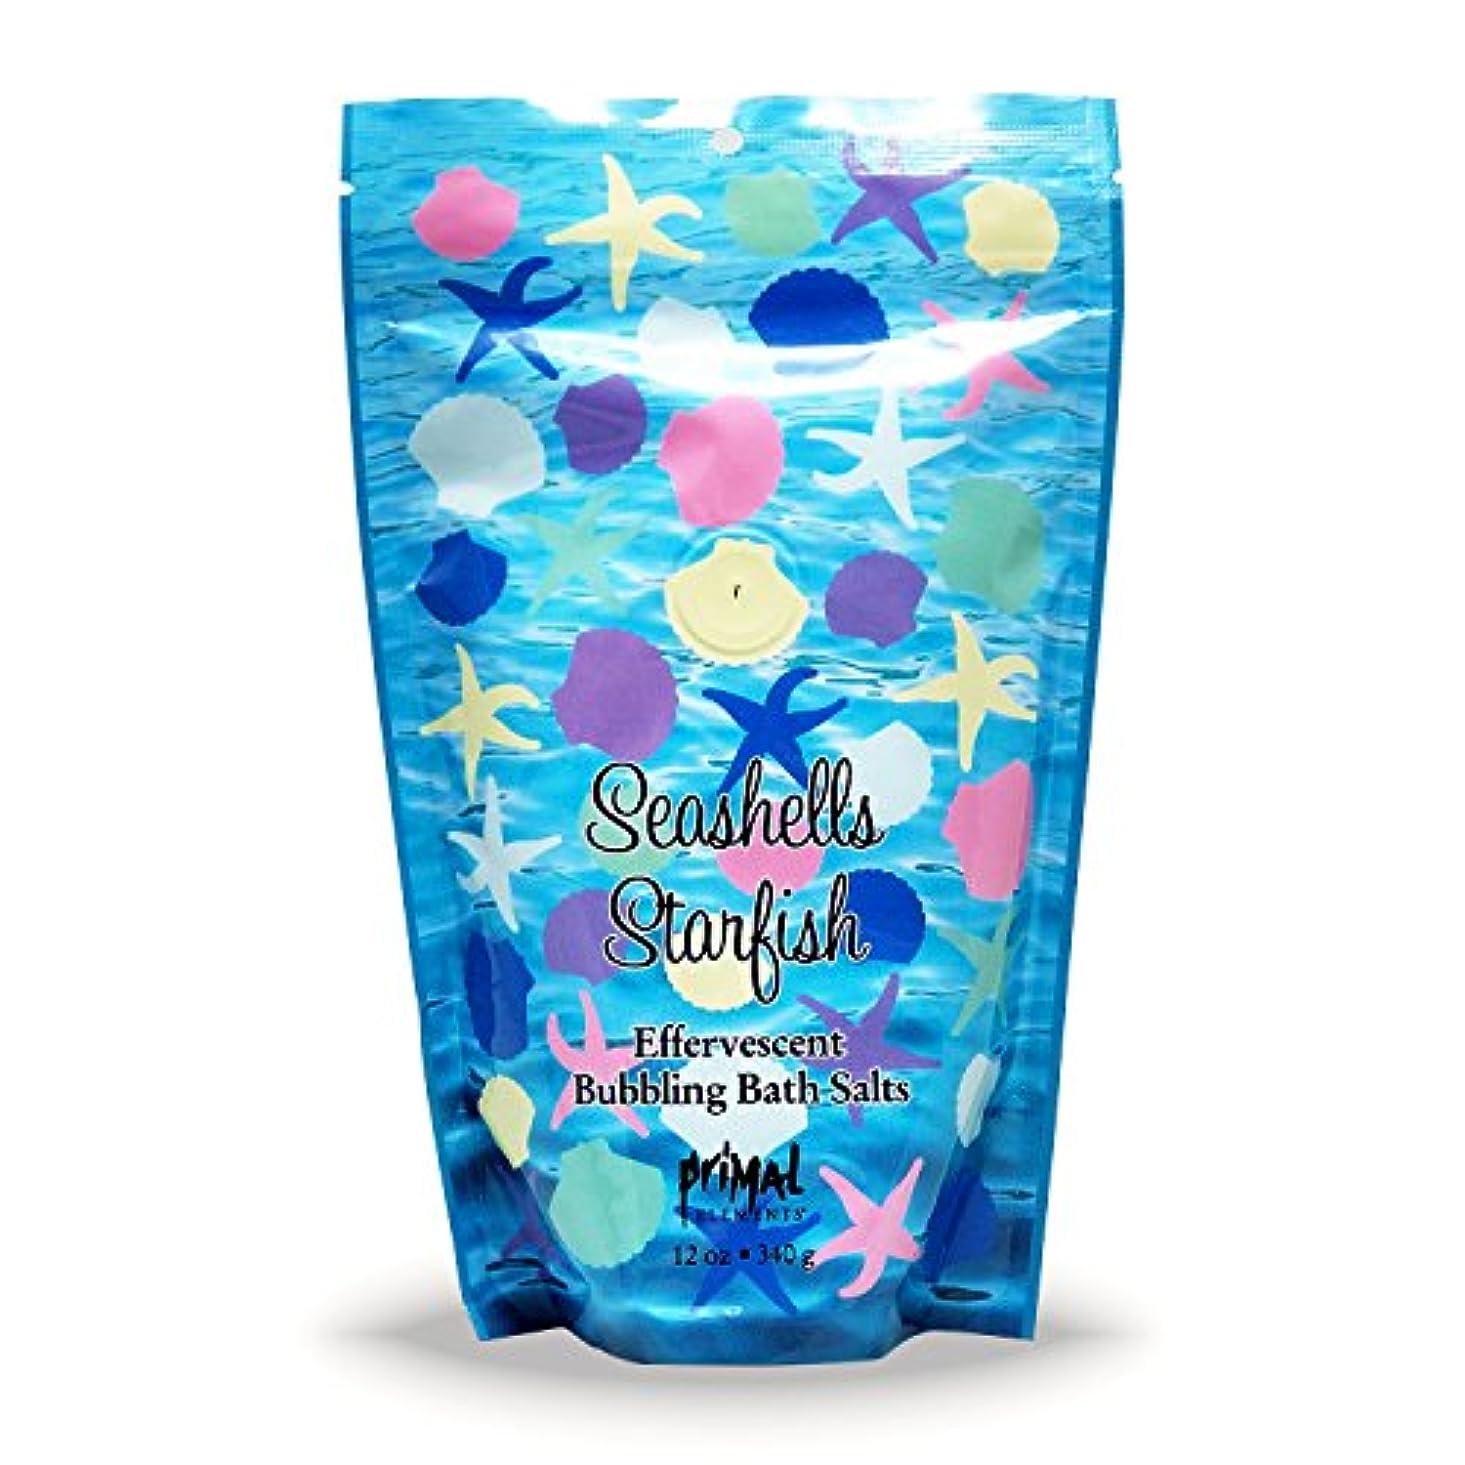 混乱した掃く伸ばすプライモールエレメンツ バブリング バスソルト/シーシェル&スターフィッシュ 340g エプソムソルト含有 アロマの香りがひろがる泡立つ入浴剤